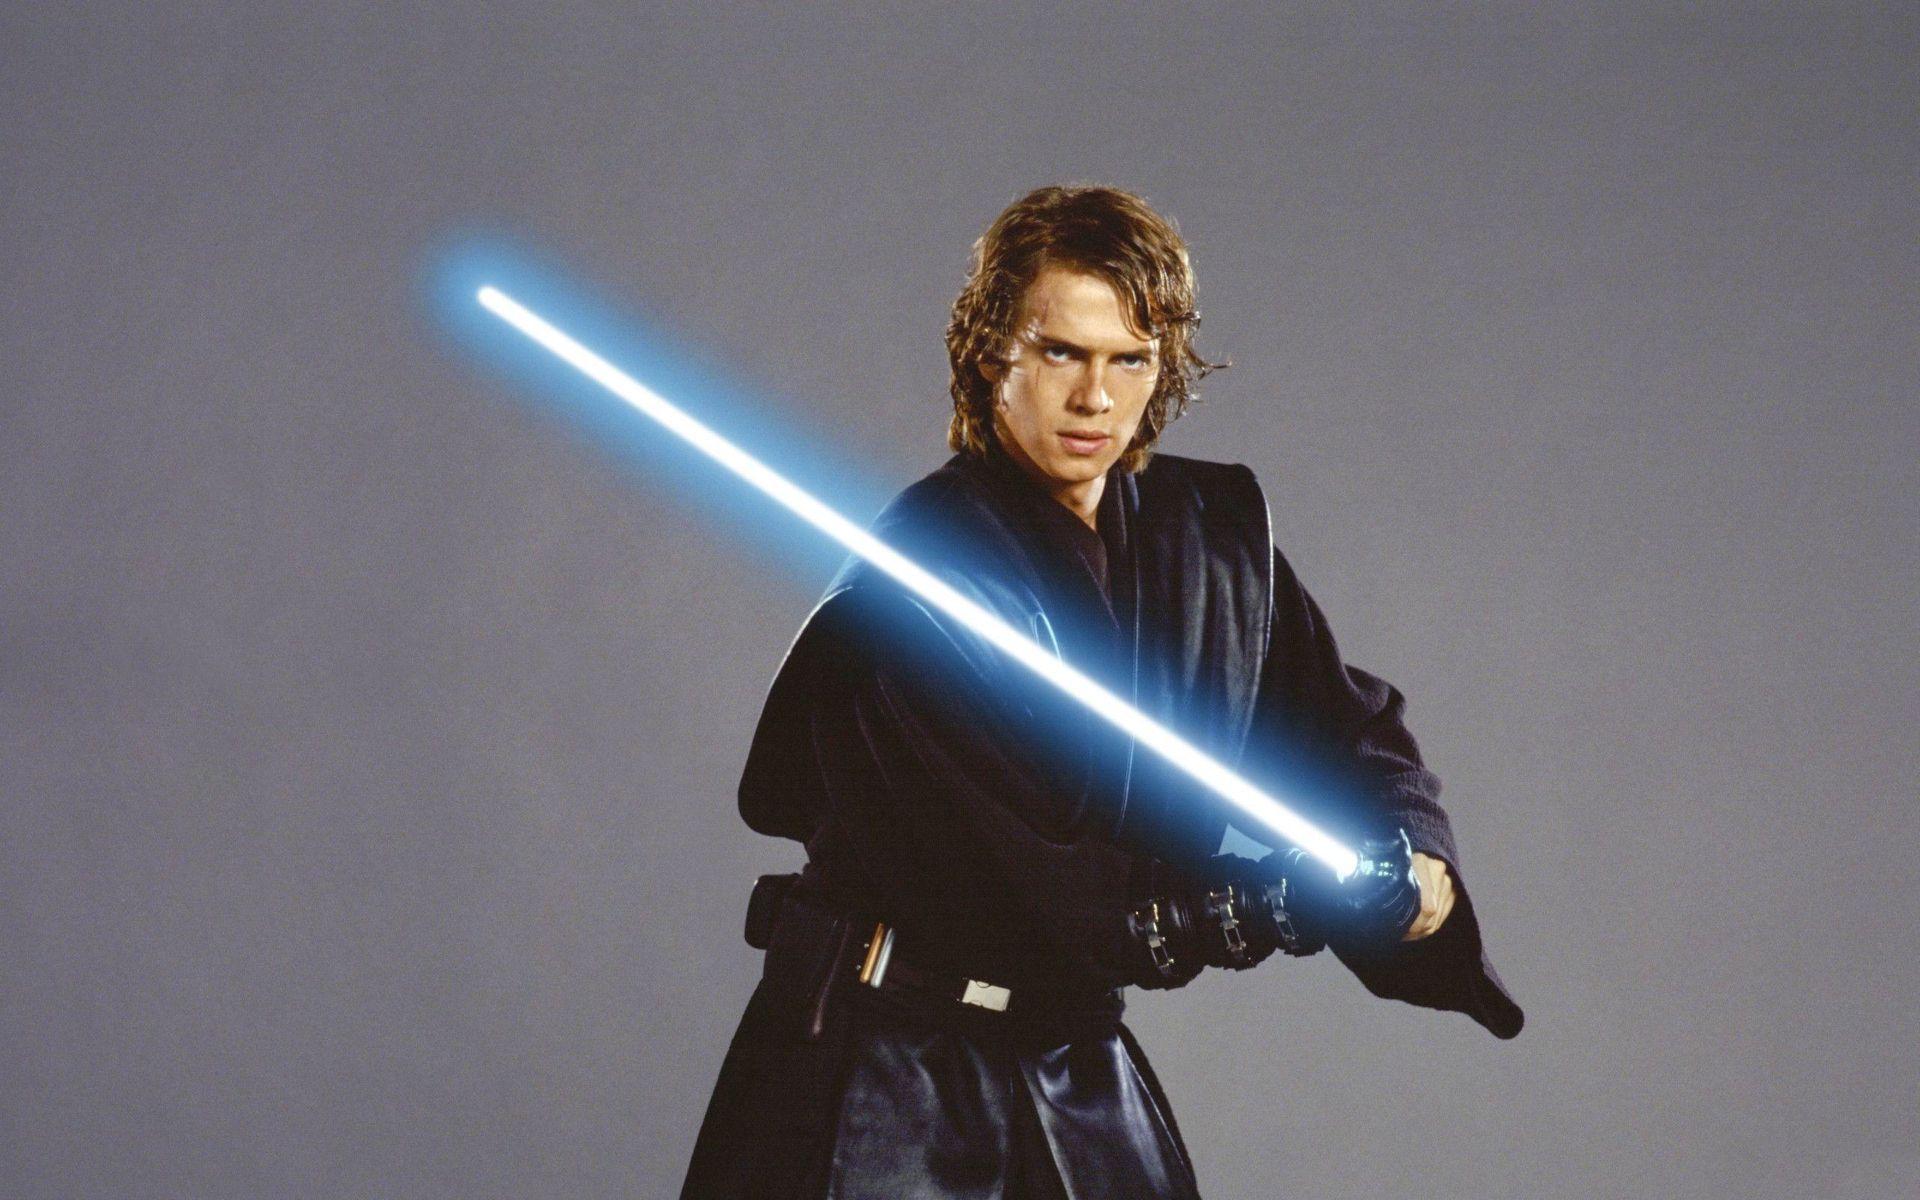 Movie Star Wars Episode Iii Revenge Of The Sith Star Wars Anakin Skywalker Hayden Christensen Hd Wallpaper In 2020 With Images Star Wars Anakin Movie Stars Star Wars Episodes